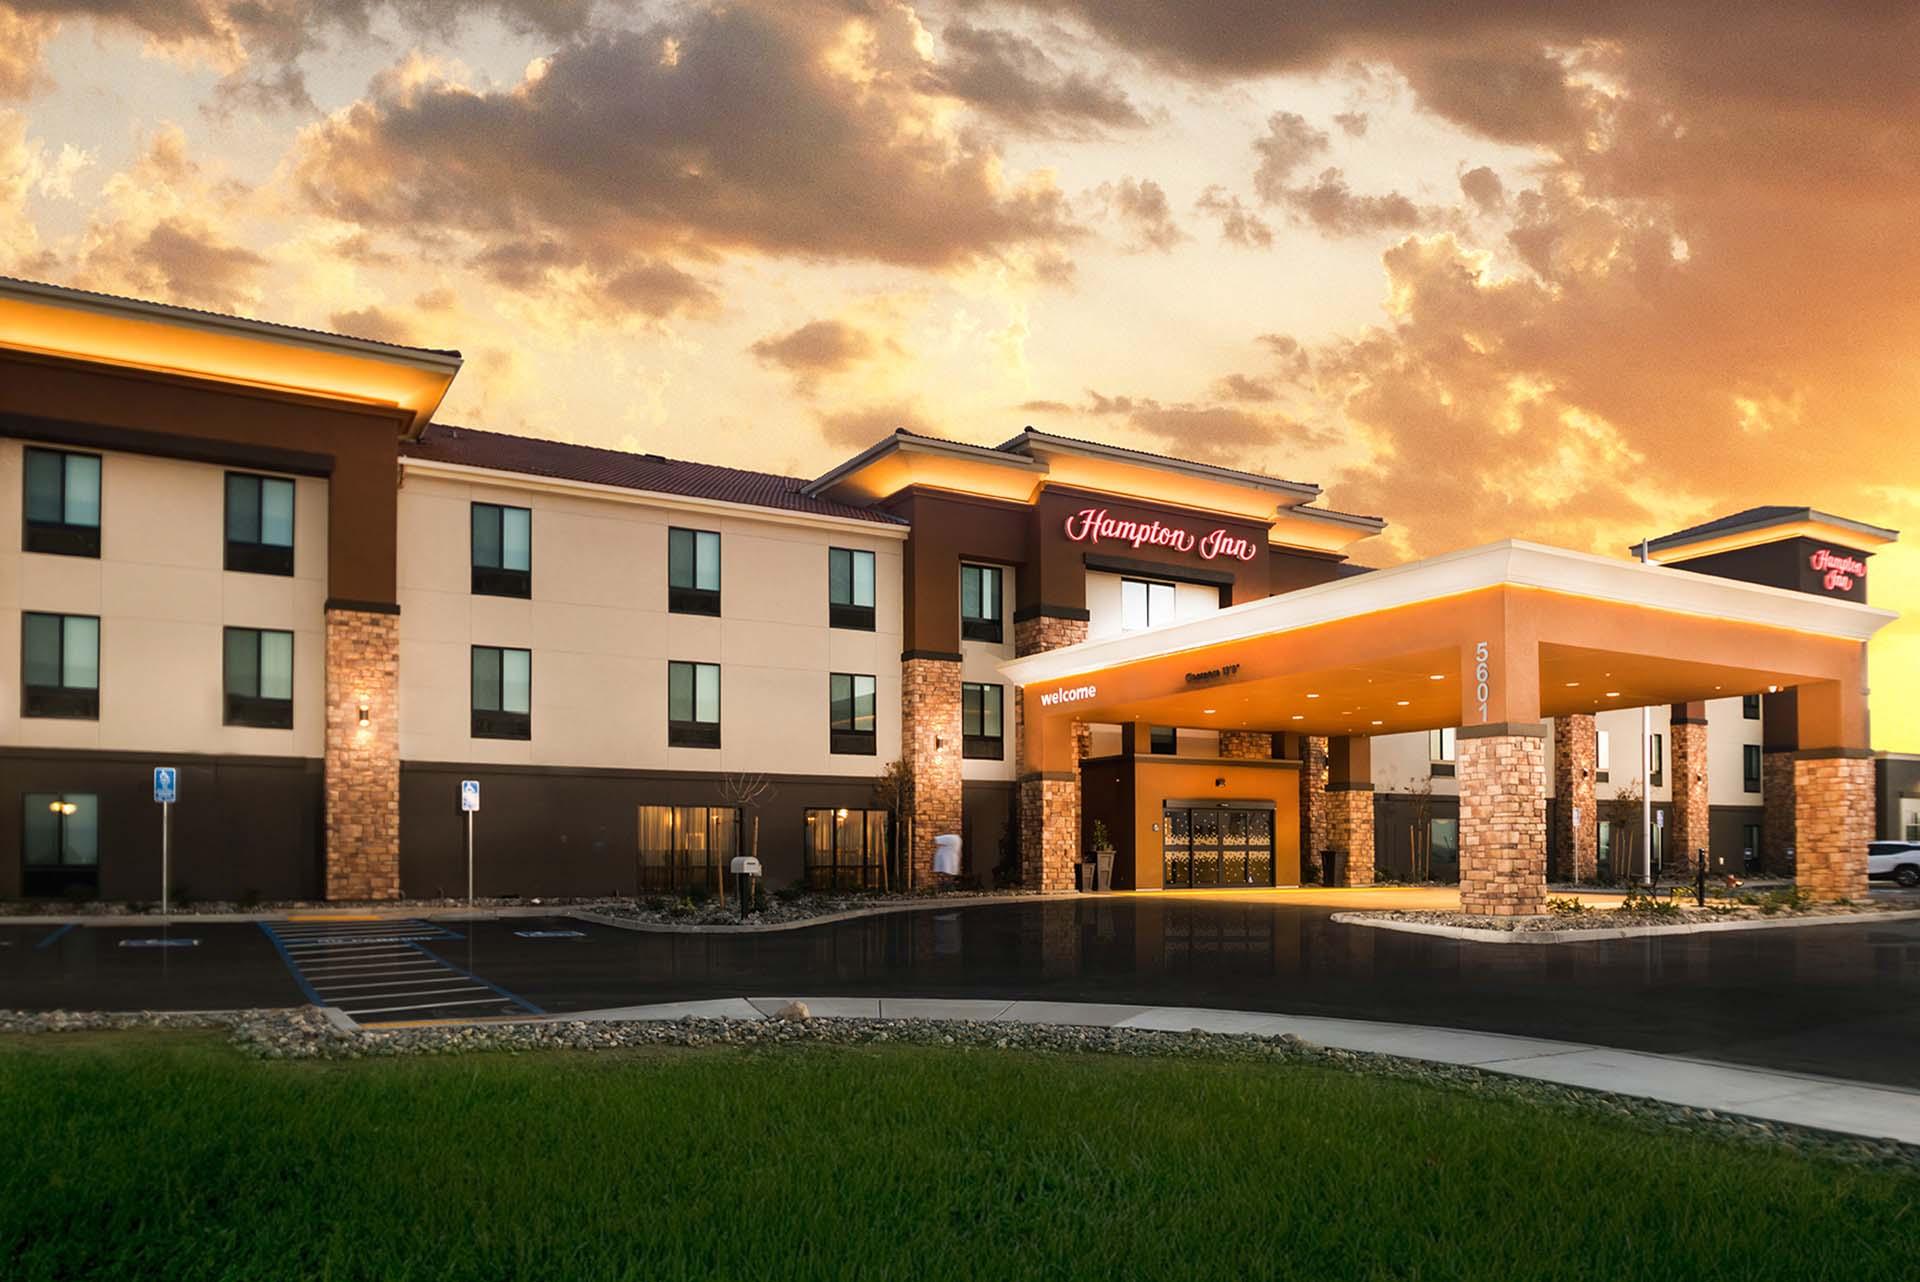 Hotels hampton inn generic 1